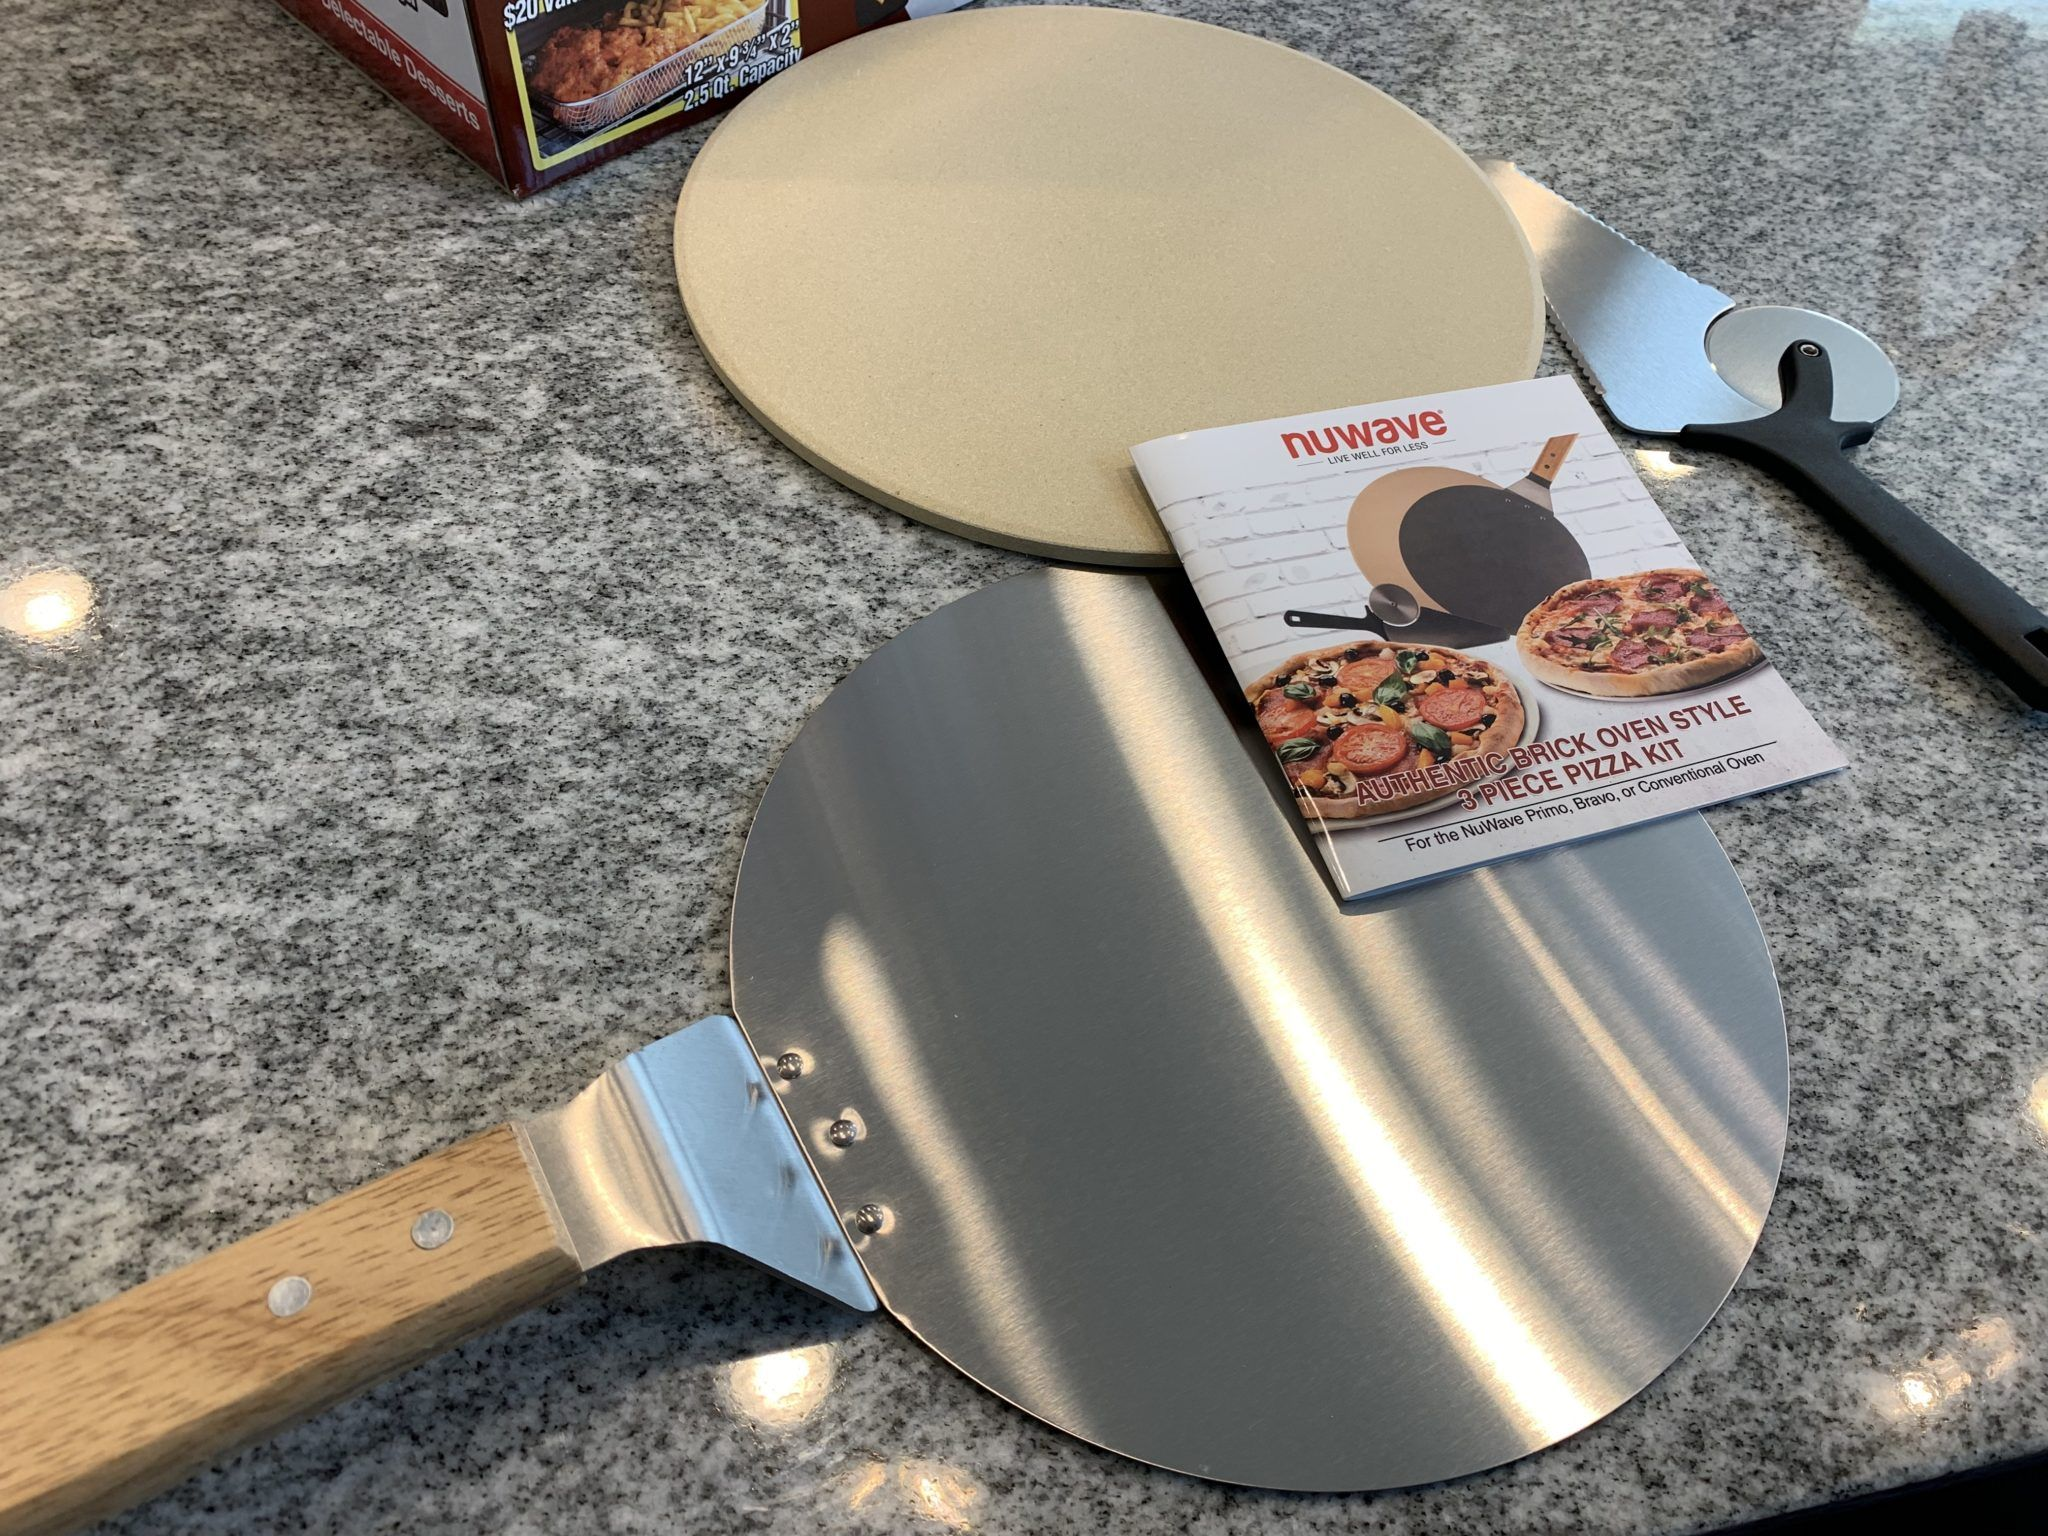 Nuwave Bravo Xl Smart Oven Smart Oven Making Grilled